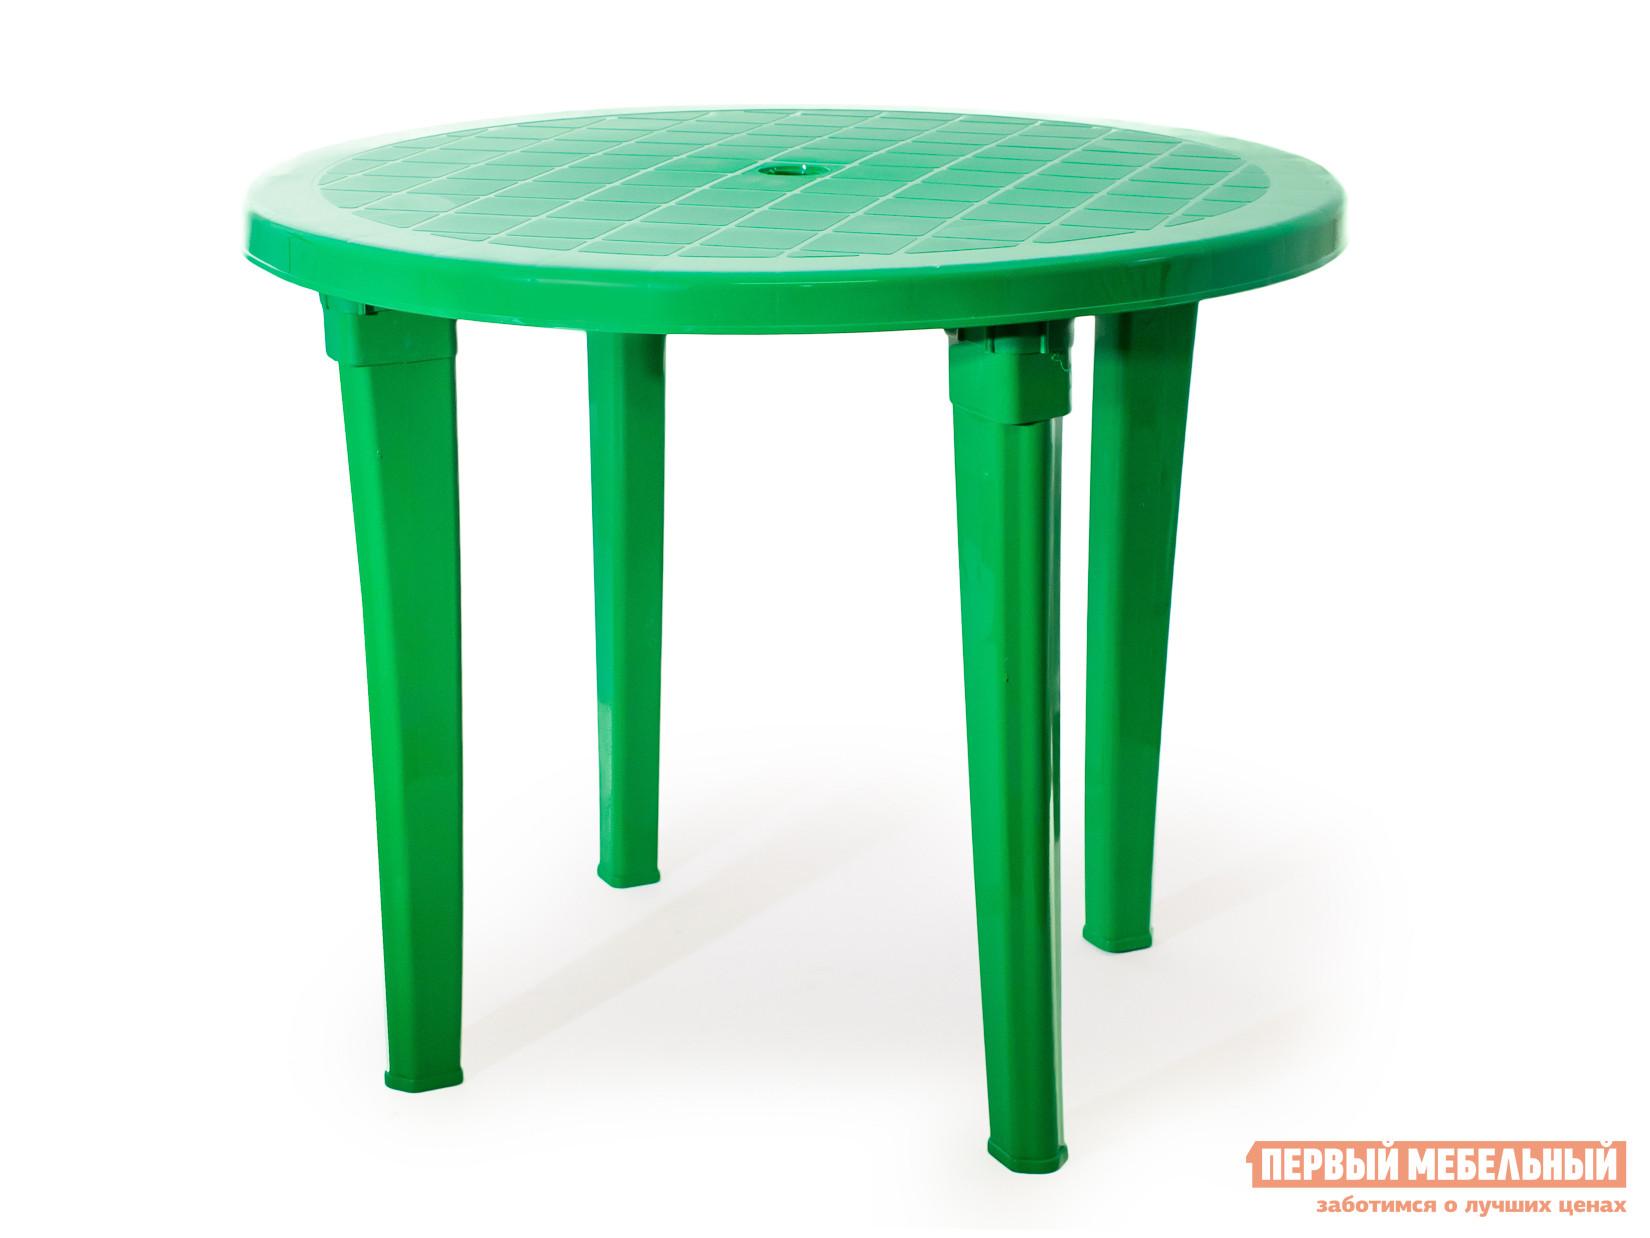 Пластиковый стол ЭЛП Стол круглый Зеленый